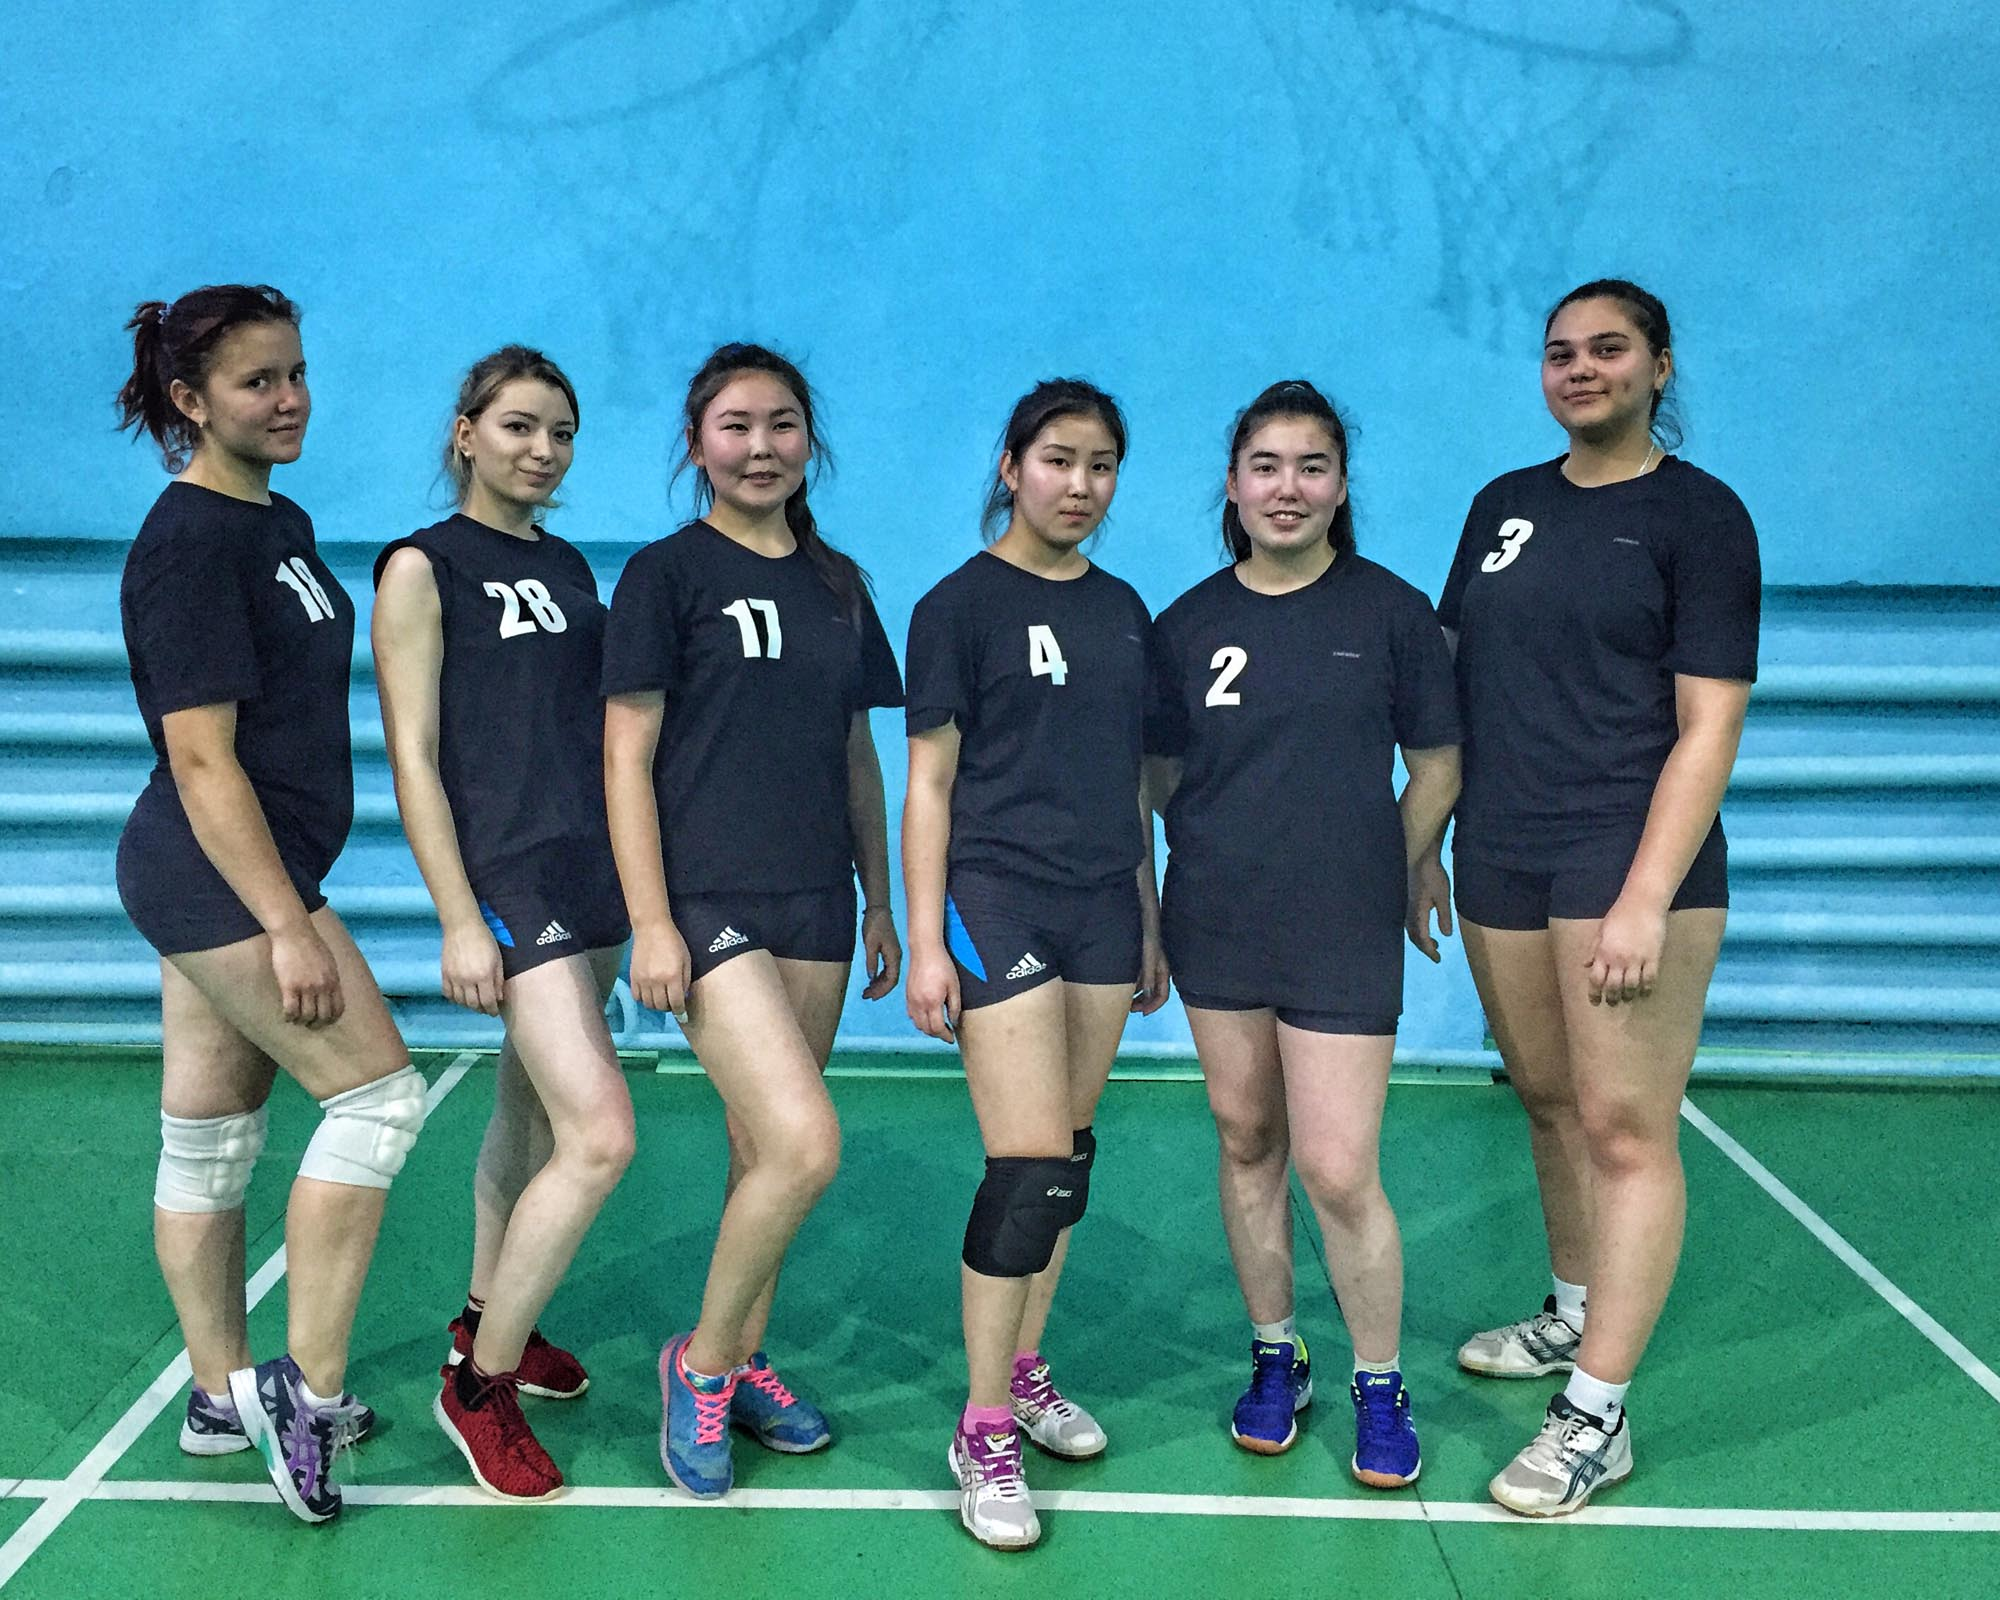 Дружеская встреча по волейболу